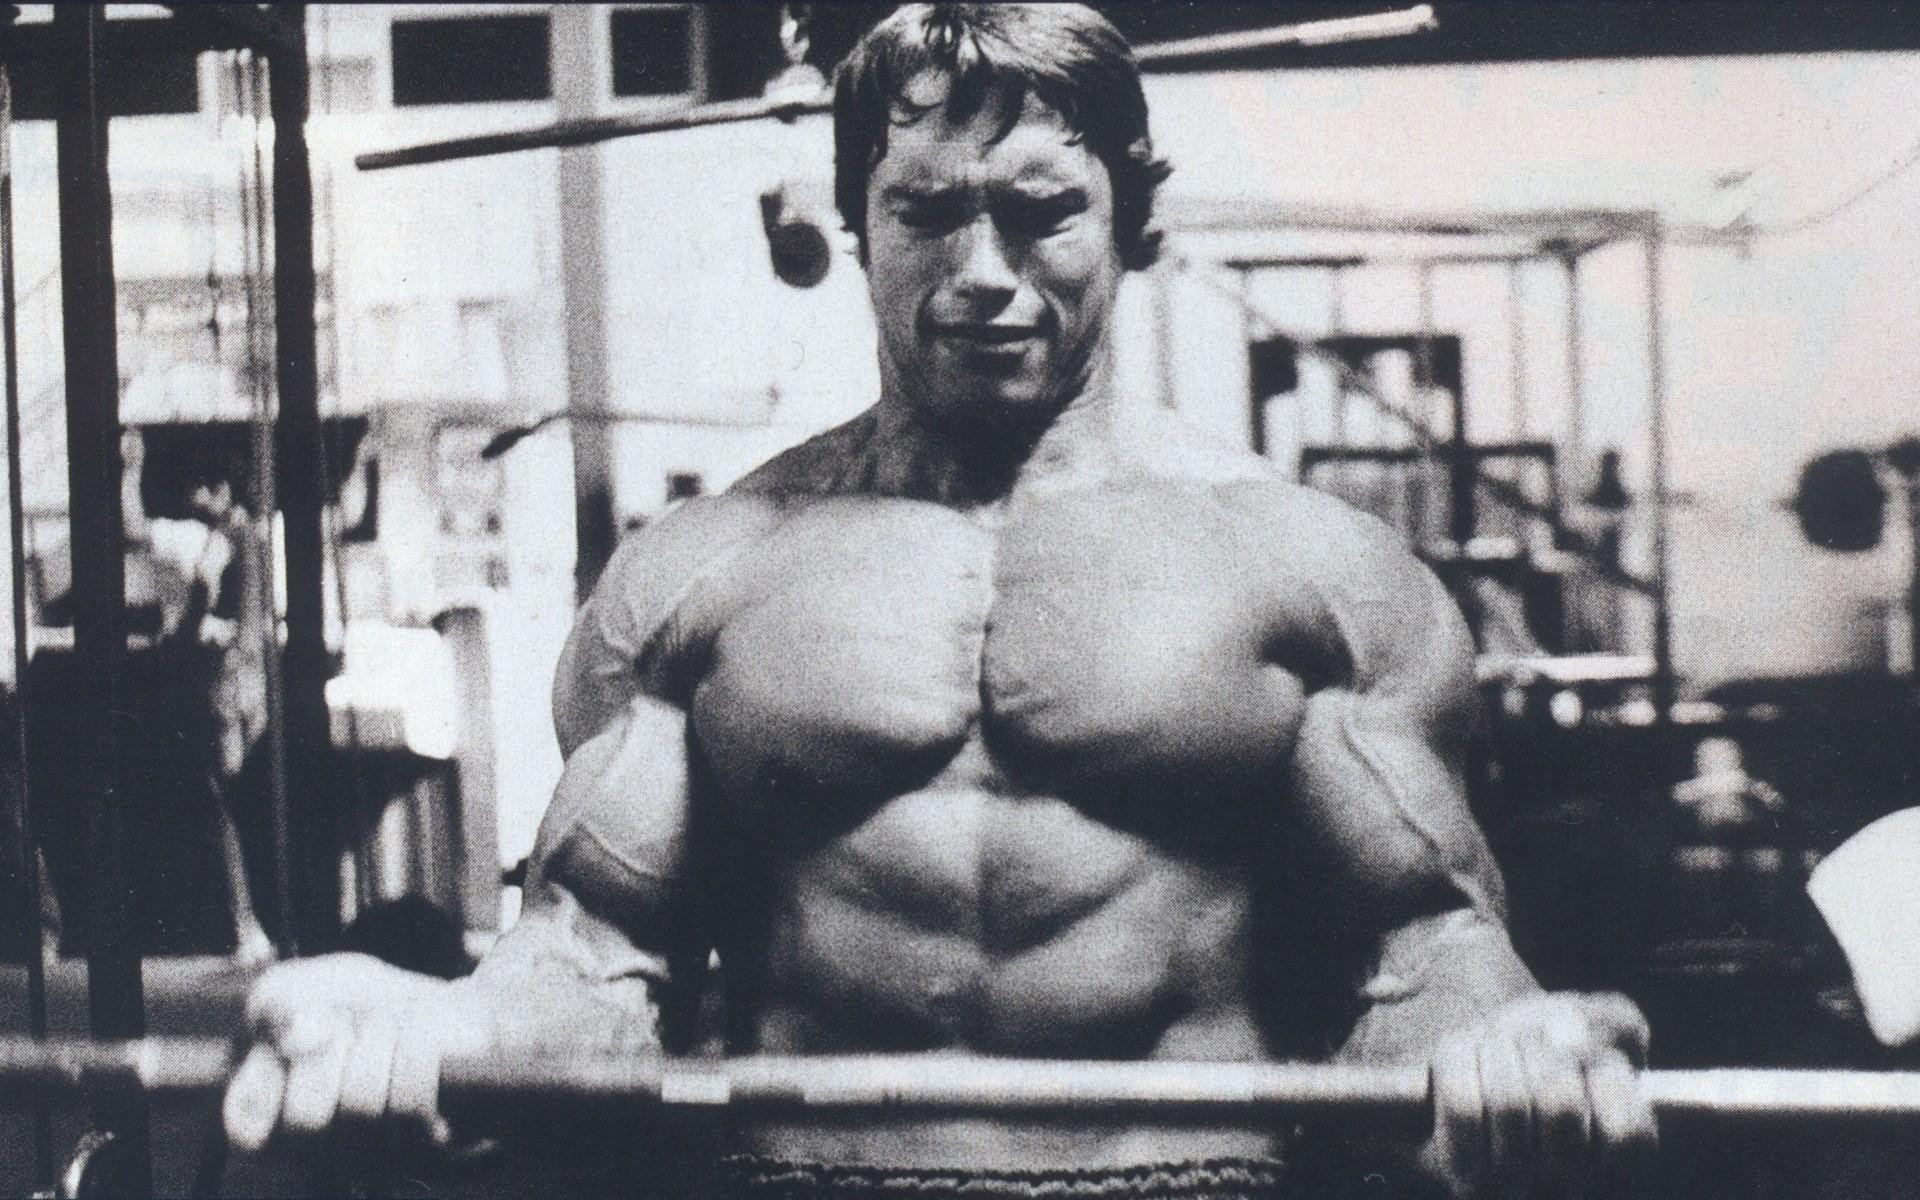 Арнольд шварценеггер: 5 советов по тренировкам